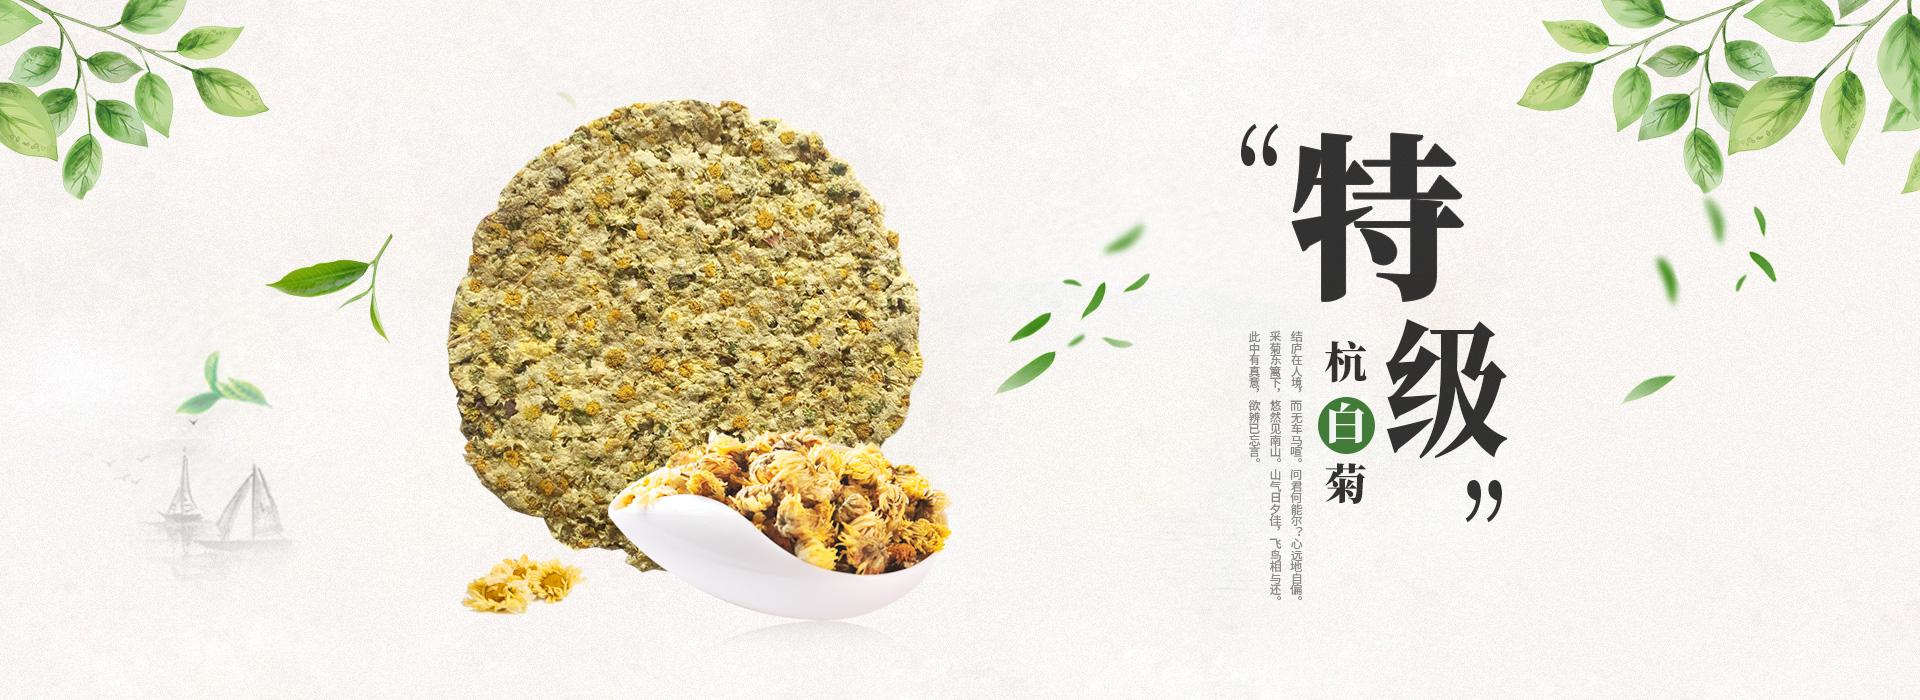 特级杭白菊